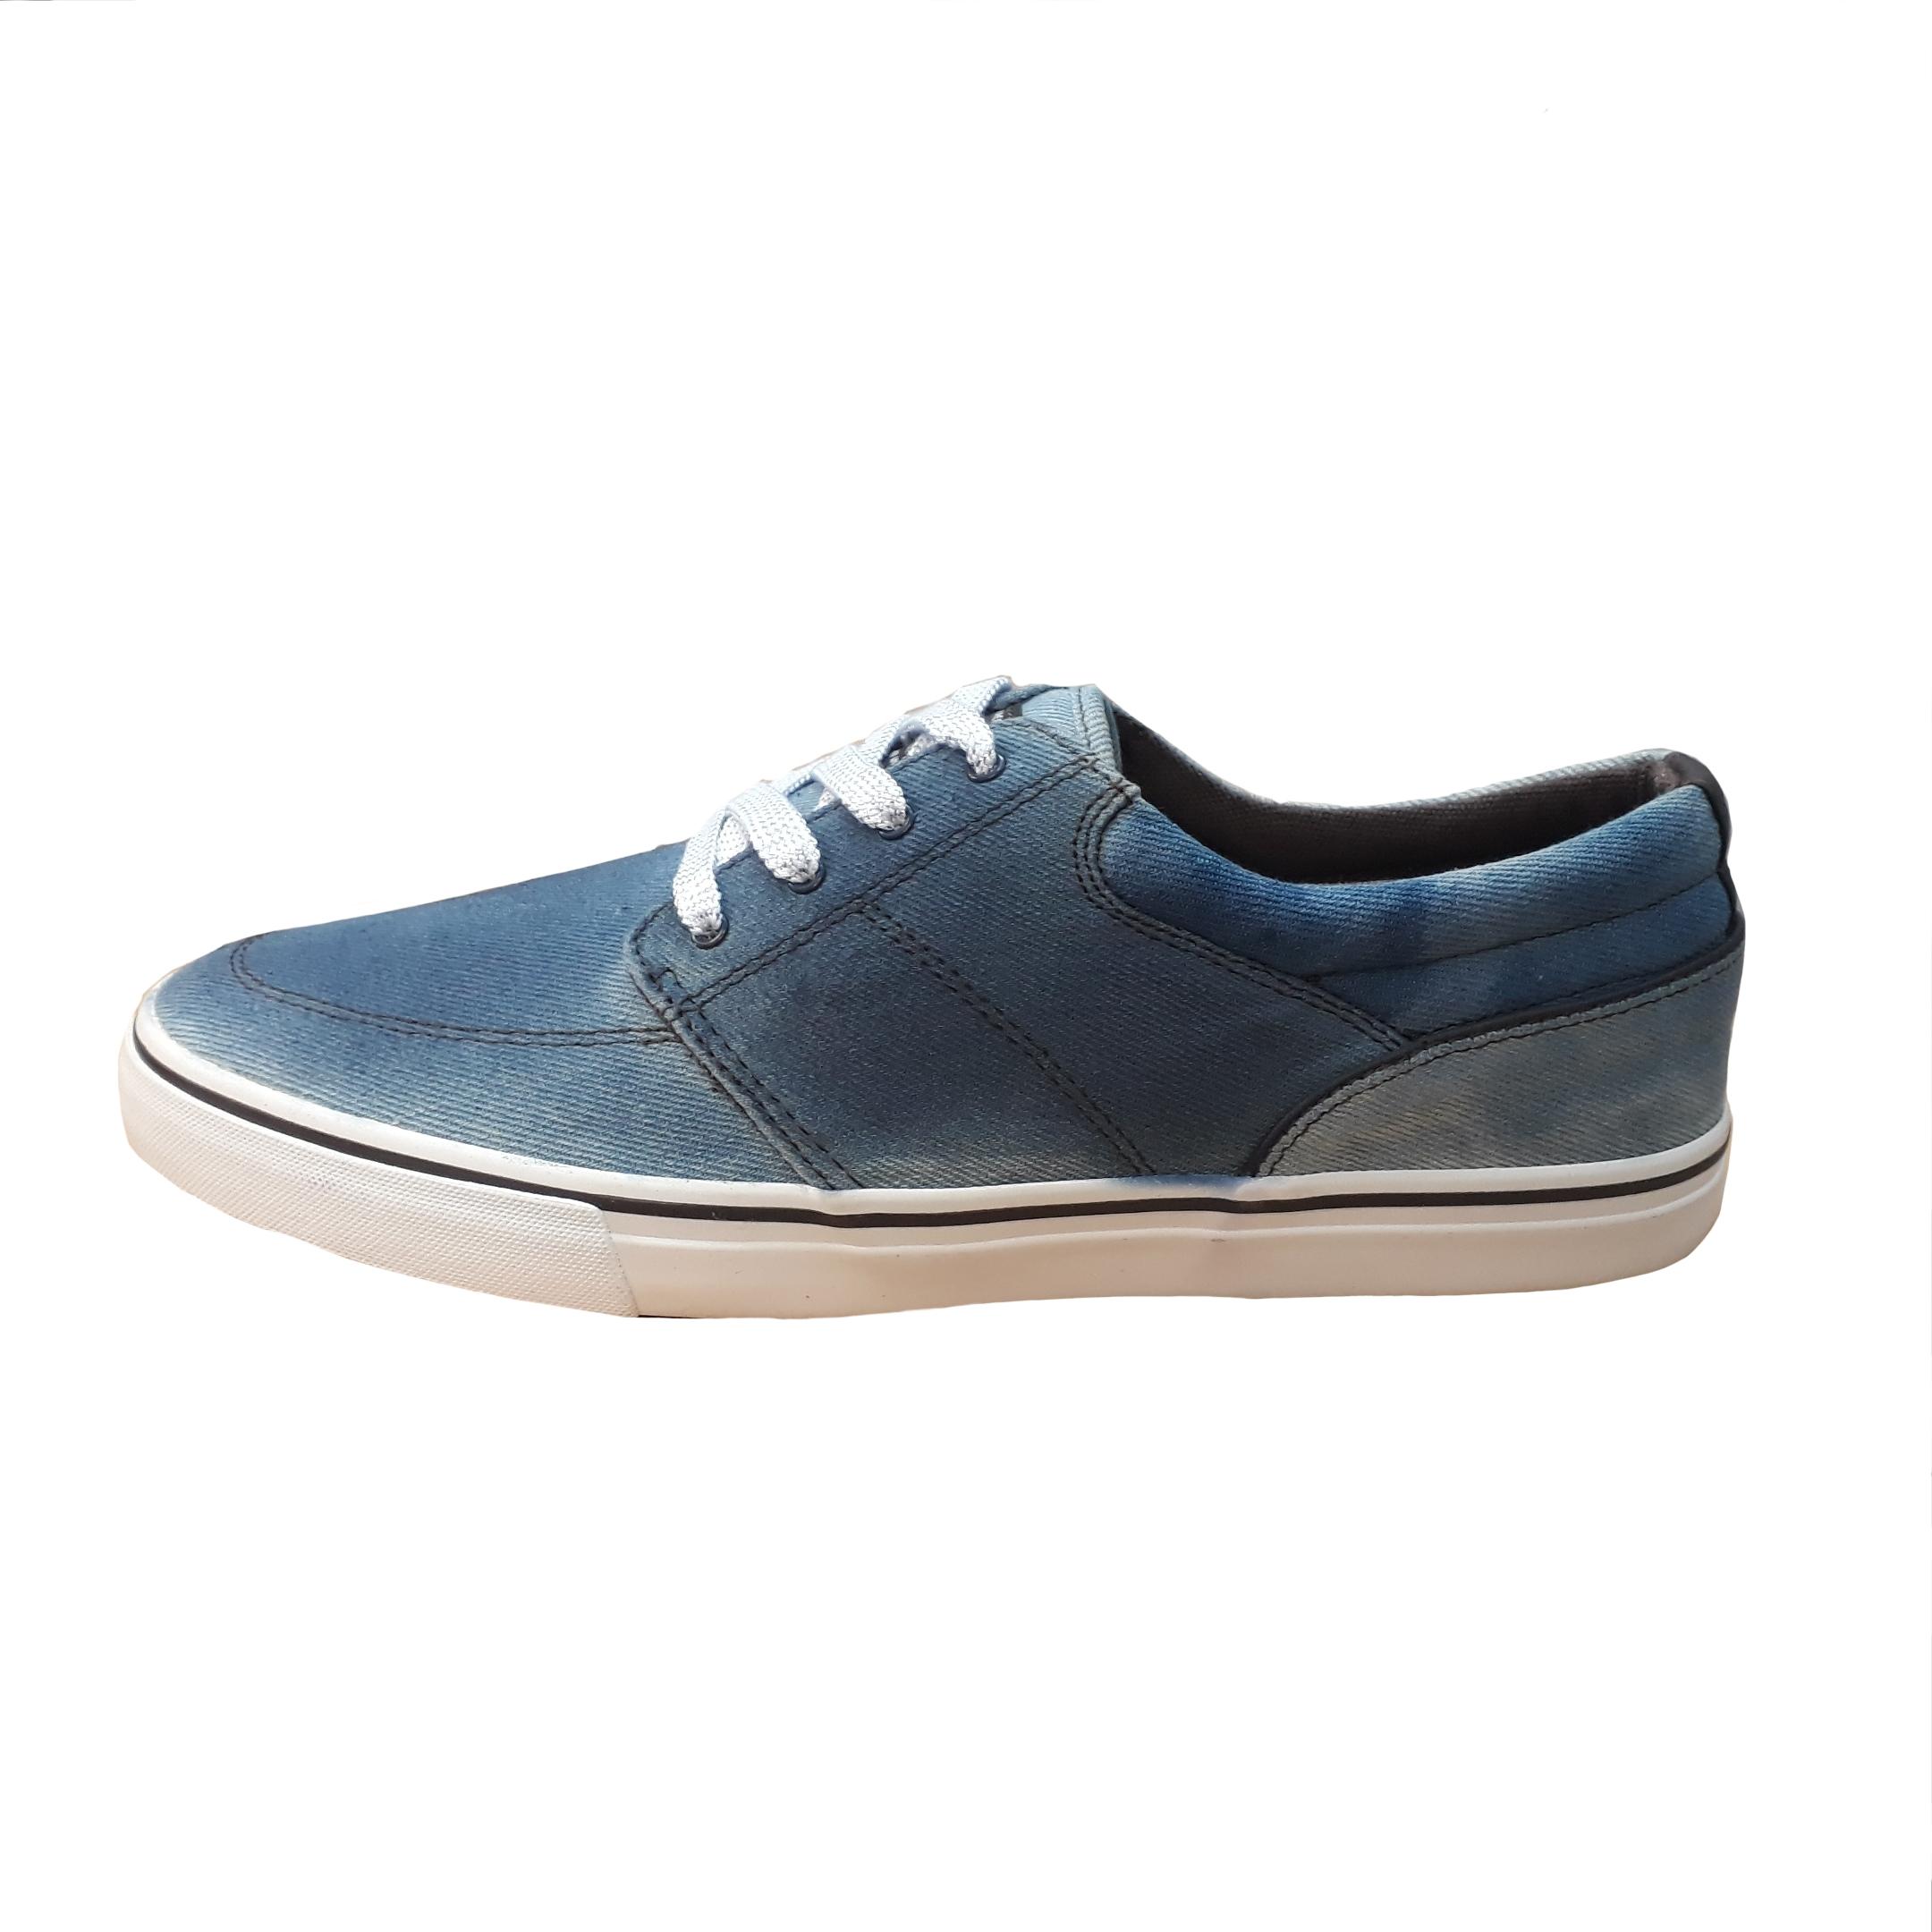 قیمت کفش راحتی مردانه پول اند بیر مدل P 5